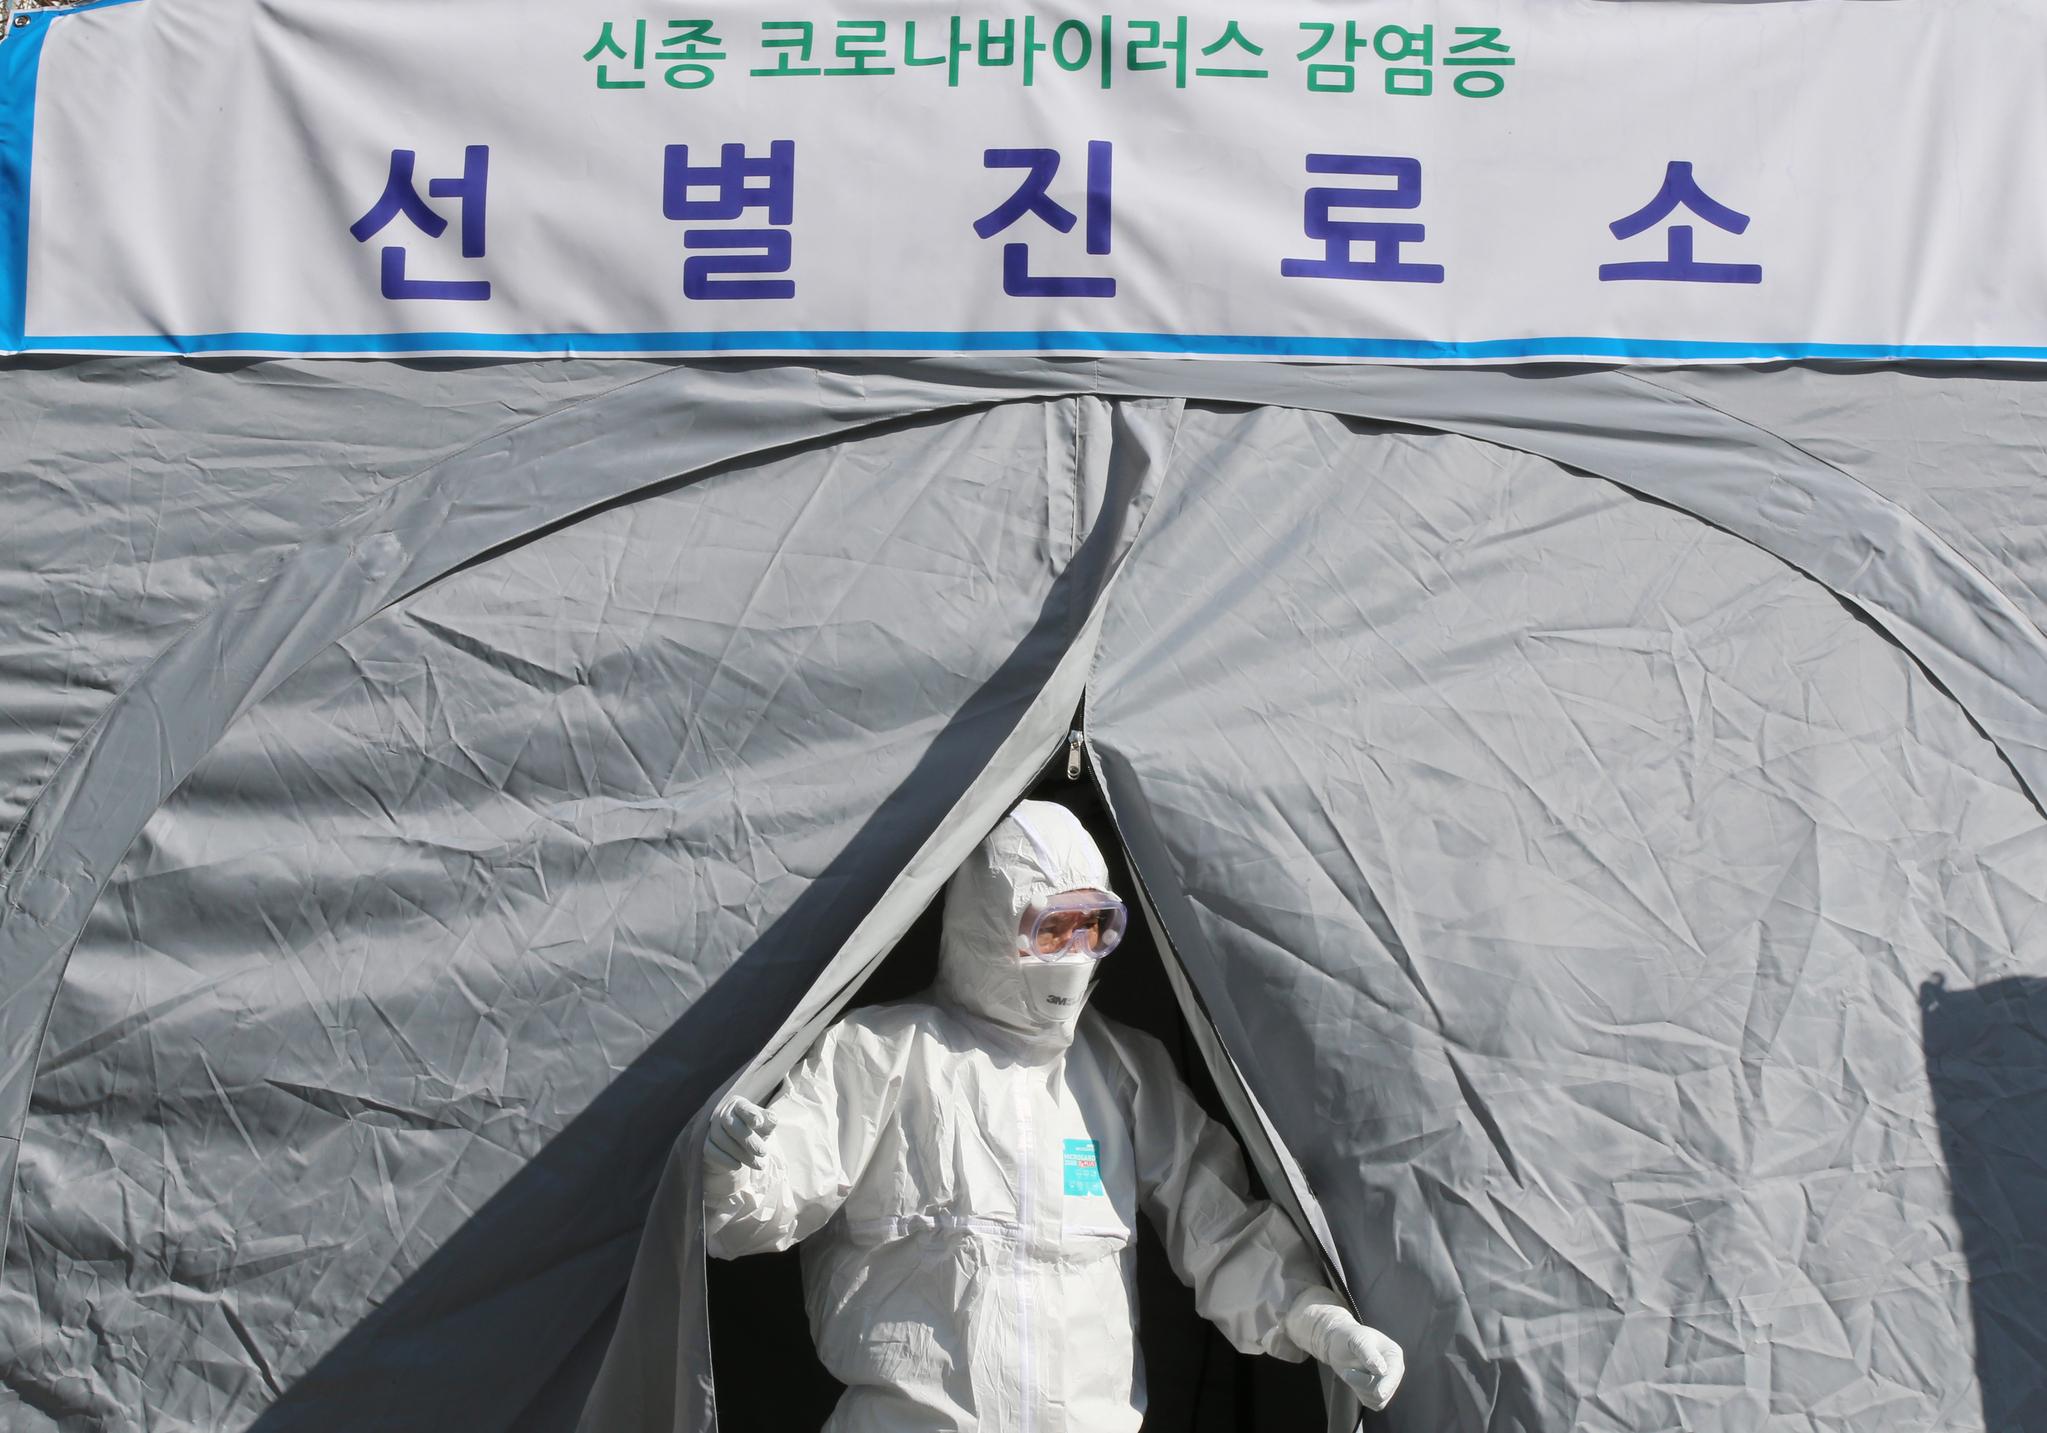 9일 오후 대전 유성보건소에 마련된 신종 코로나바이러스 감염증 선별진료소. [뉴스1]